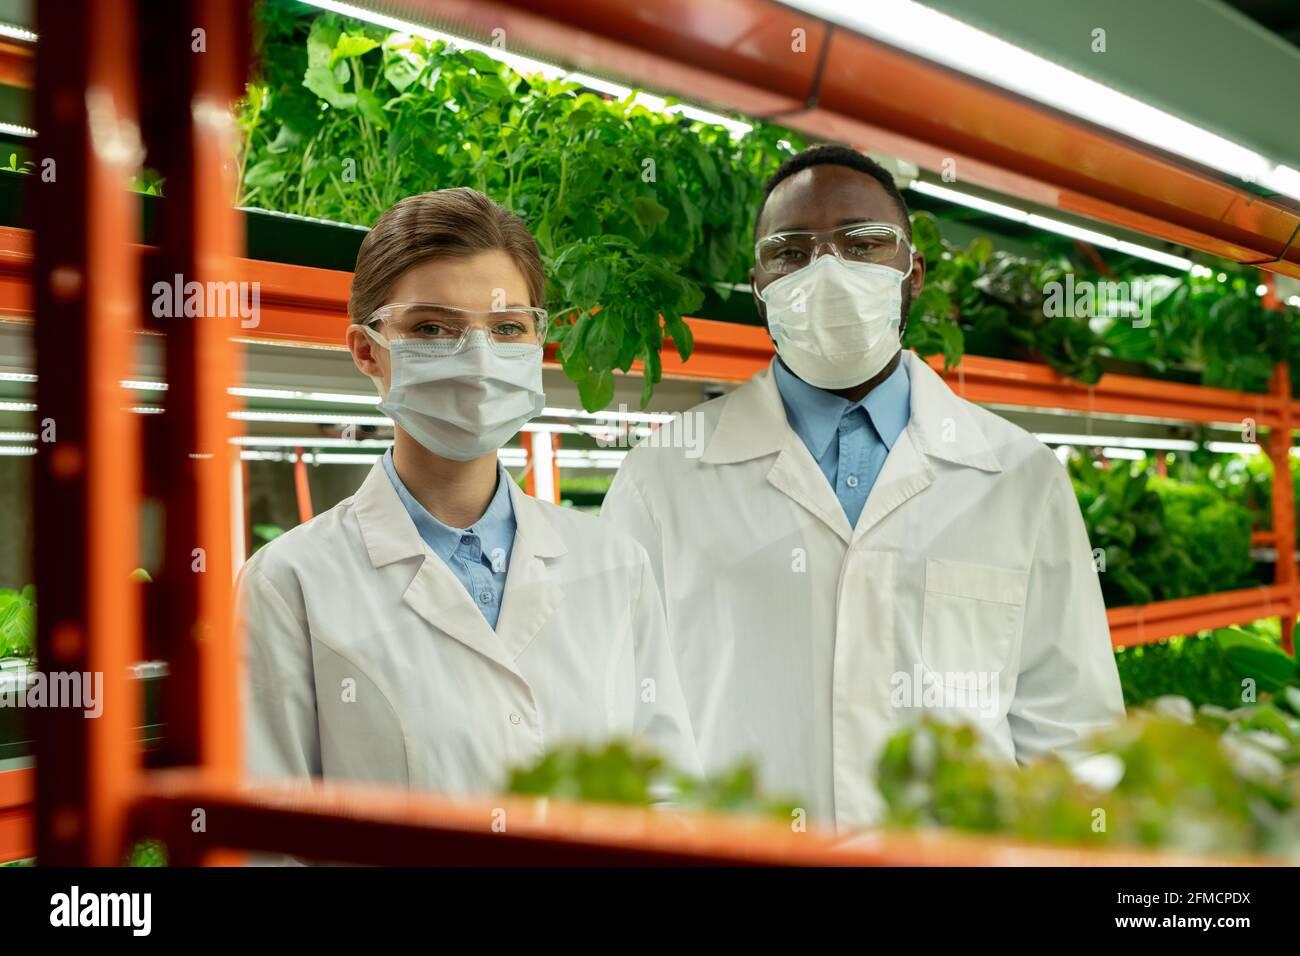 Portrait de jeunes travailleurs multi-ethniques en serres confiants dans les masques et manteaux blancs debout contre la tablette avec diverses sortes de laitue Banque D'Images